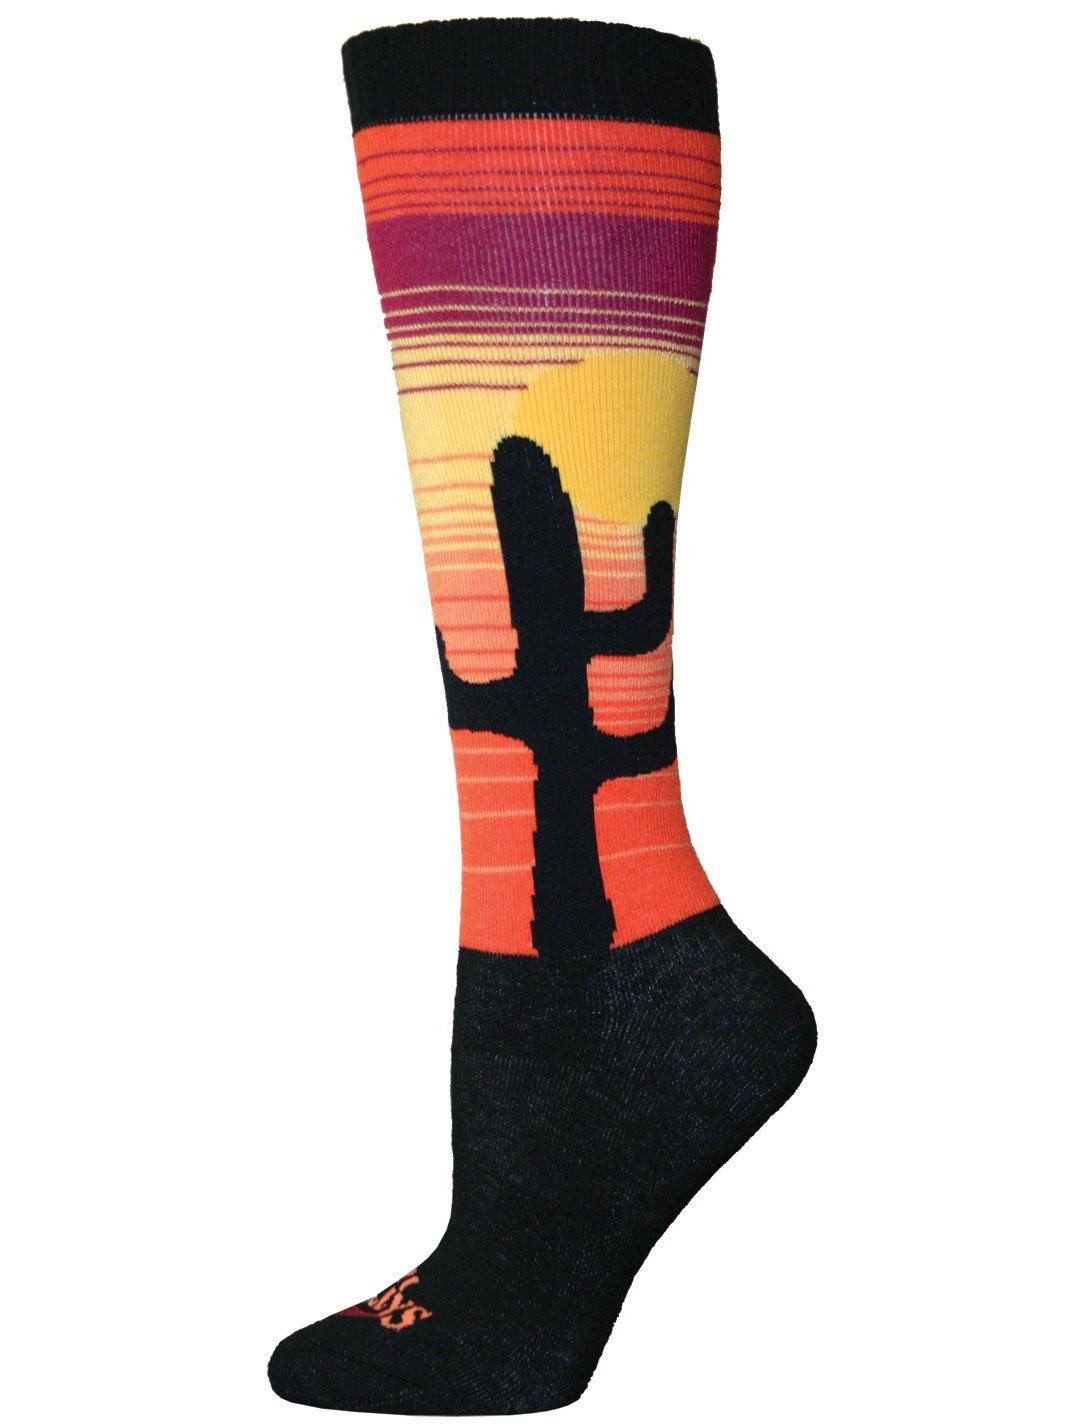 Hot Chillys Women's Cactus Mid Volume Socks, Medium, Cactus/Black HC2402P